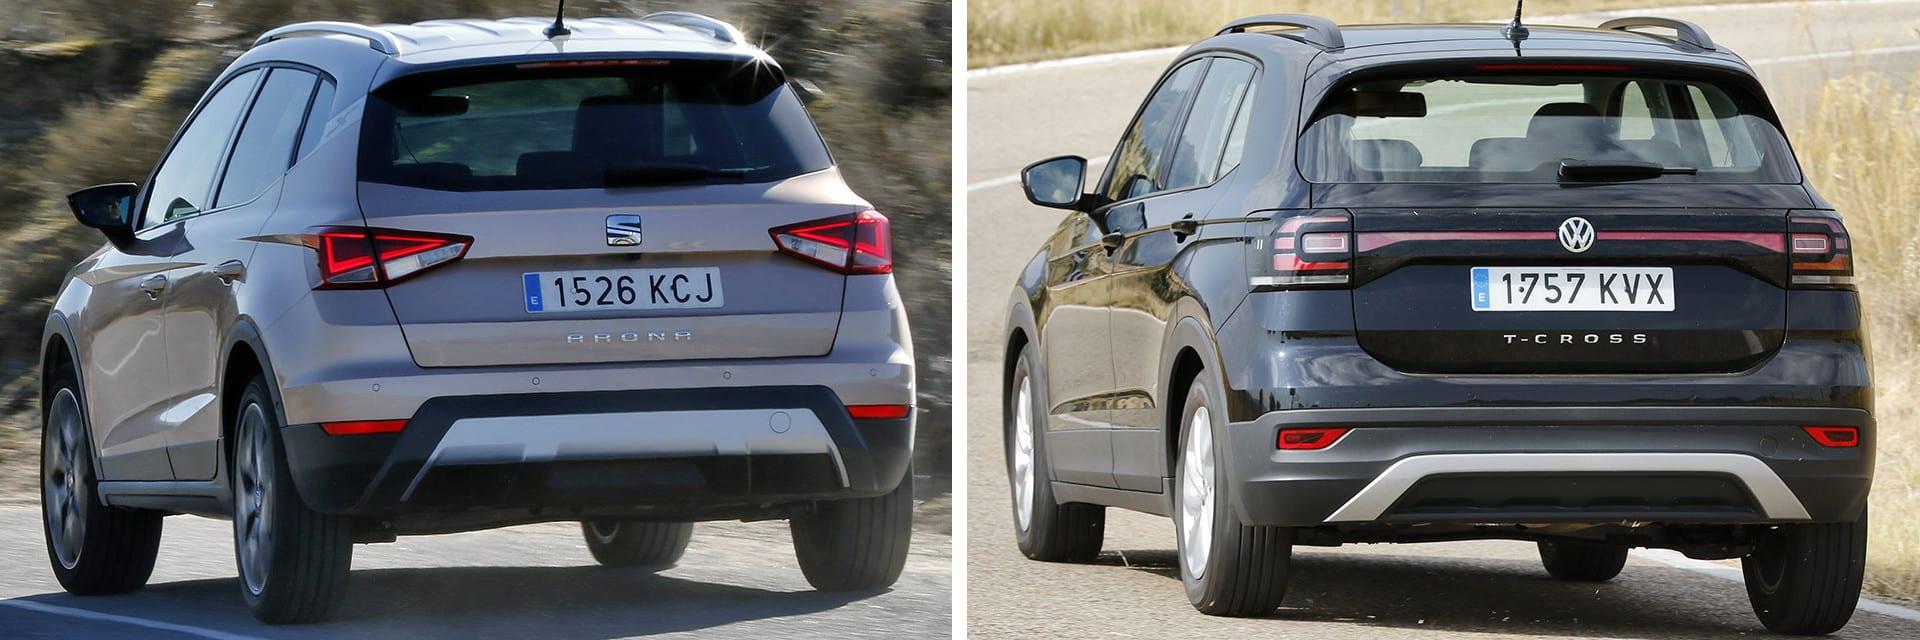 Aun teniendo el mismo motor, el Volkswagen T-Cross (dcha.) consume casi medio litro menos que el SEAT Arona (izq.) / km77